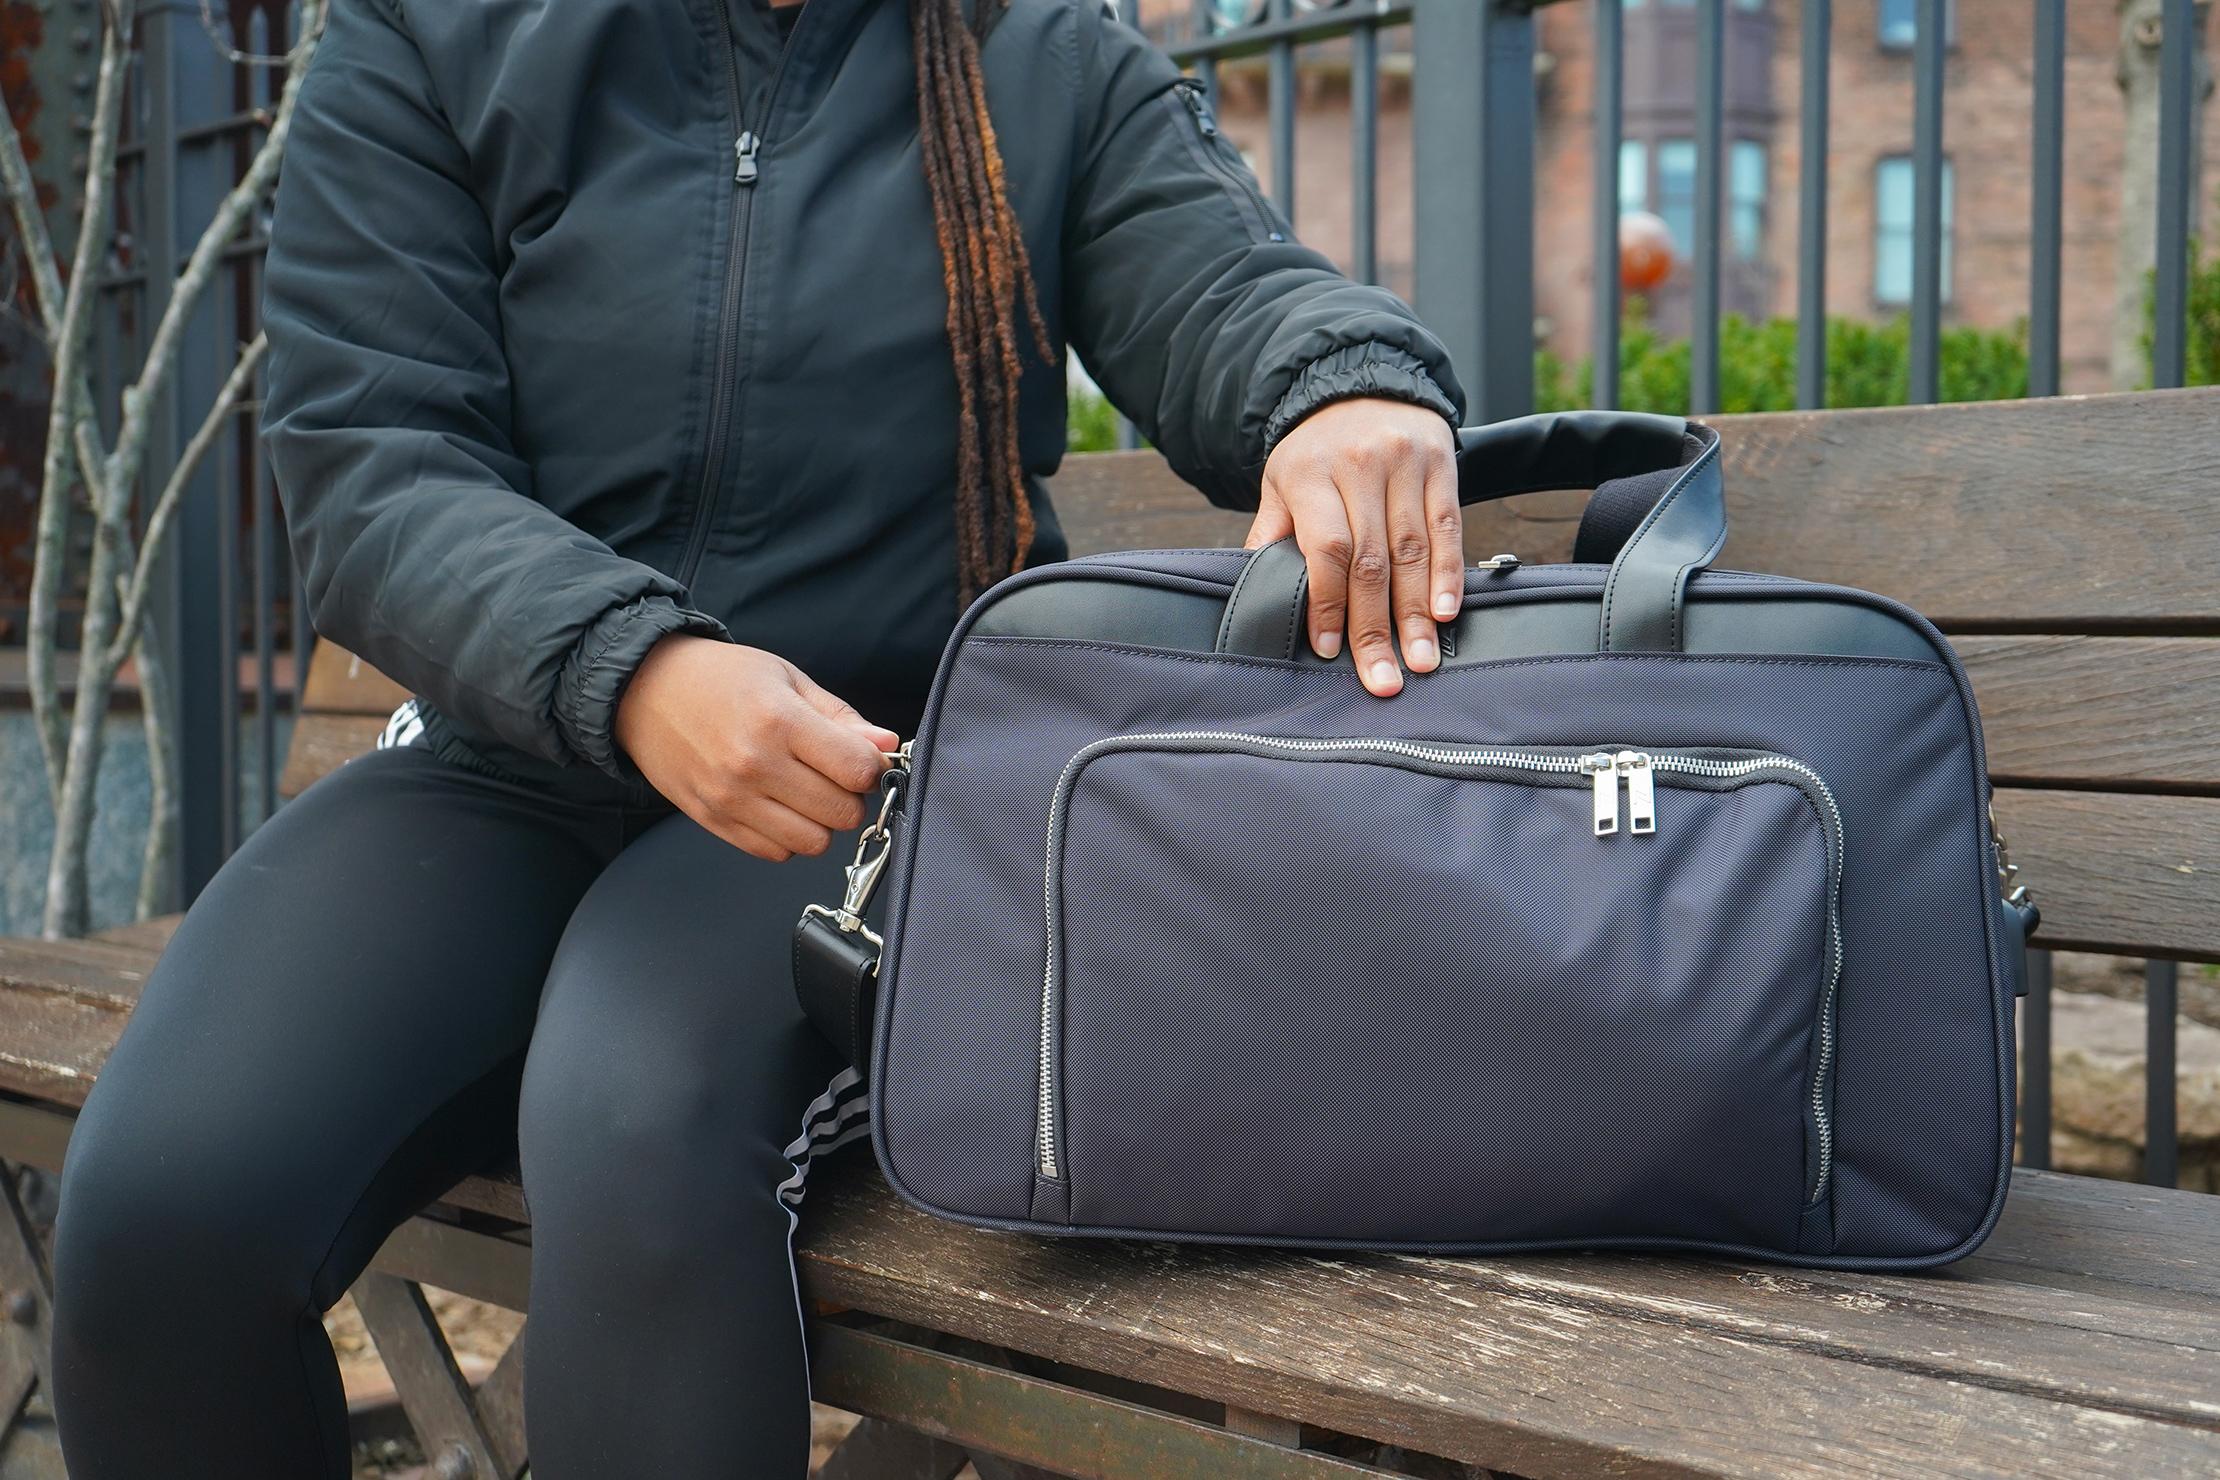 Nomad Lane Bento Bag Sport Edition in Detroit